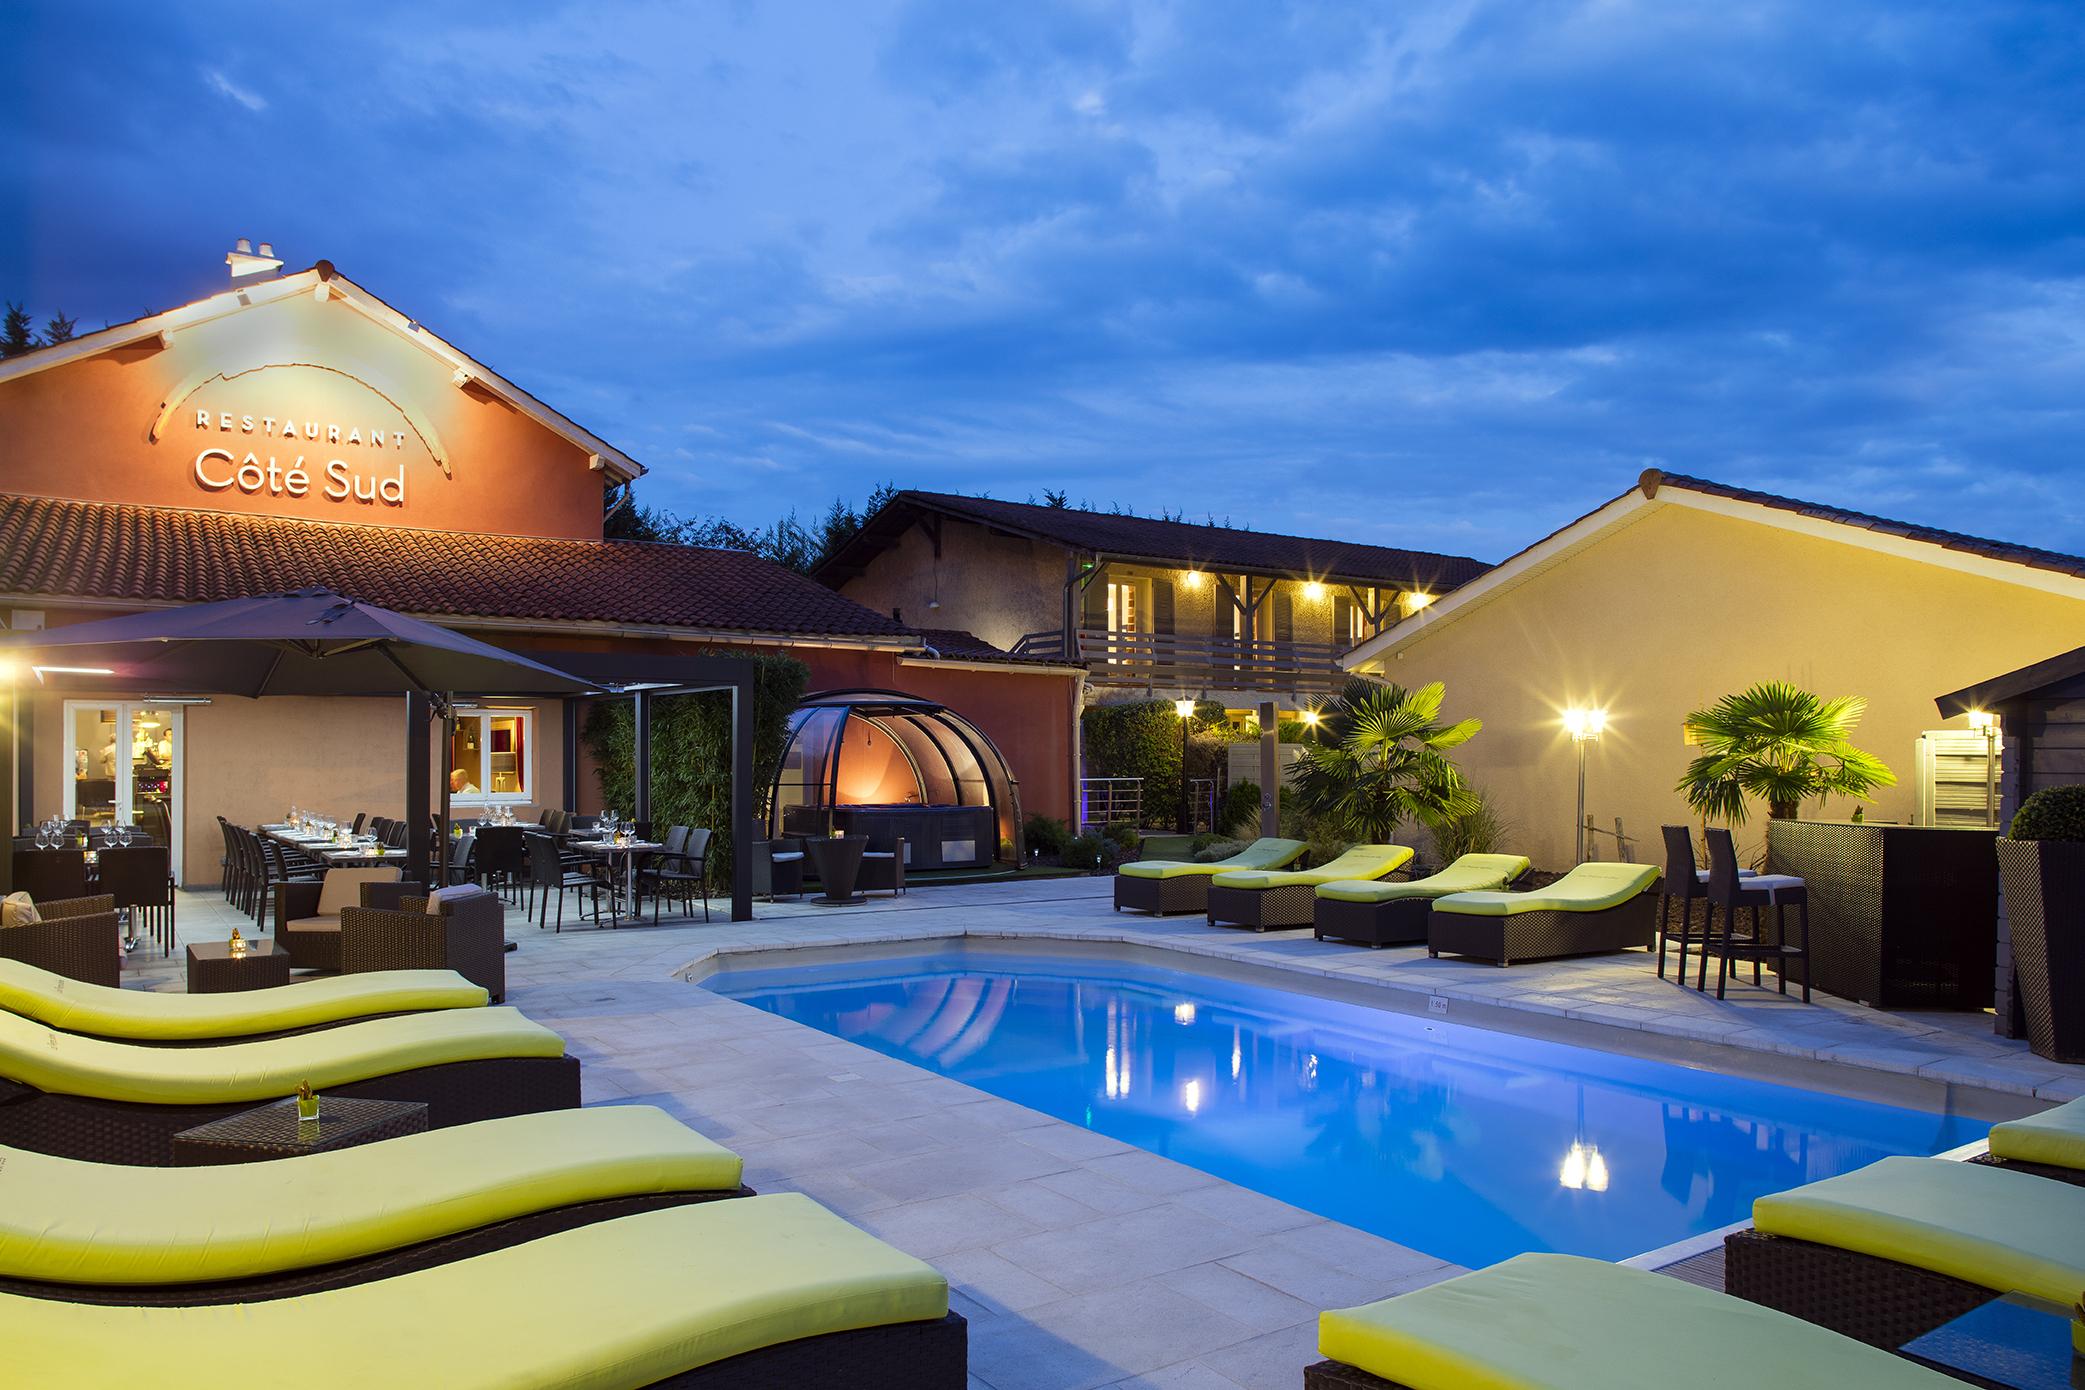 ∞Les Pierres Dorées, Hotel With Pool Near Lyon avec Hotel Avec Piscine Ile De France